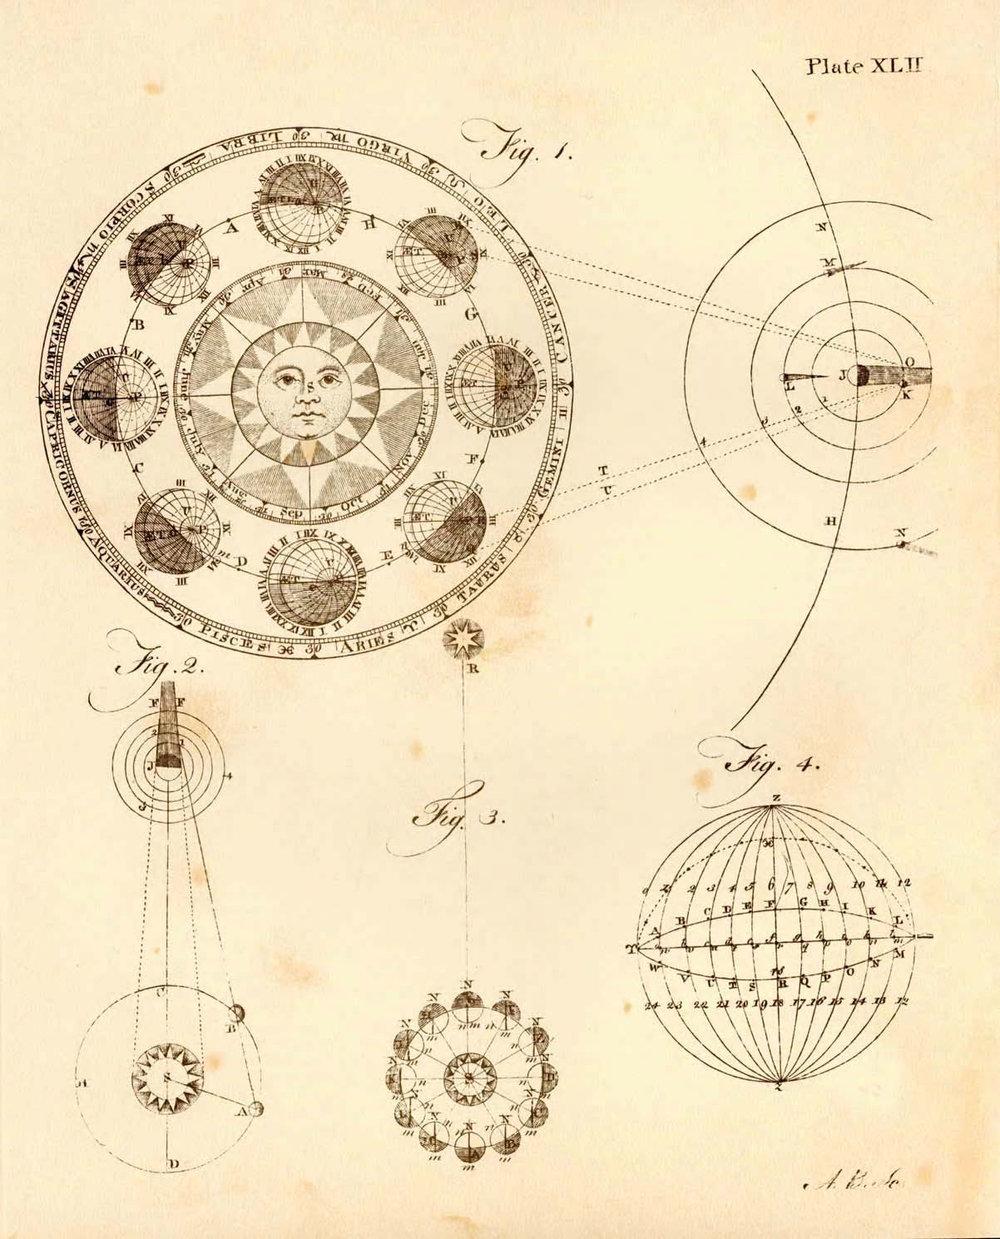 Vintage astrology/lunar map